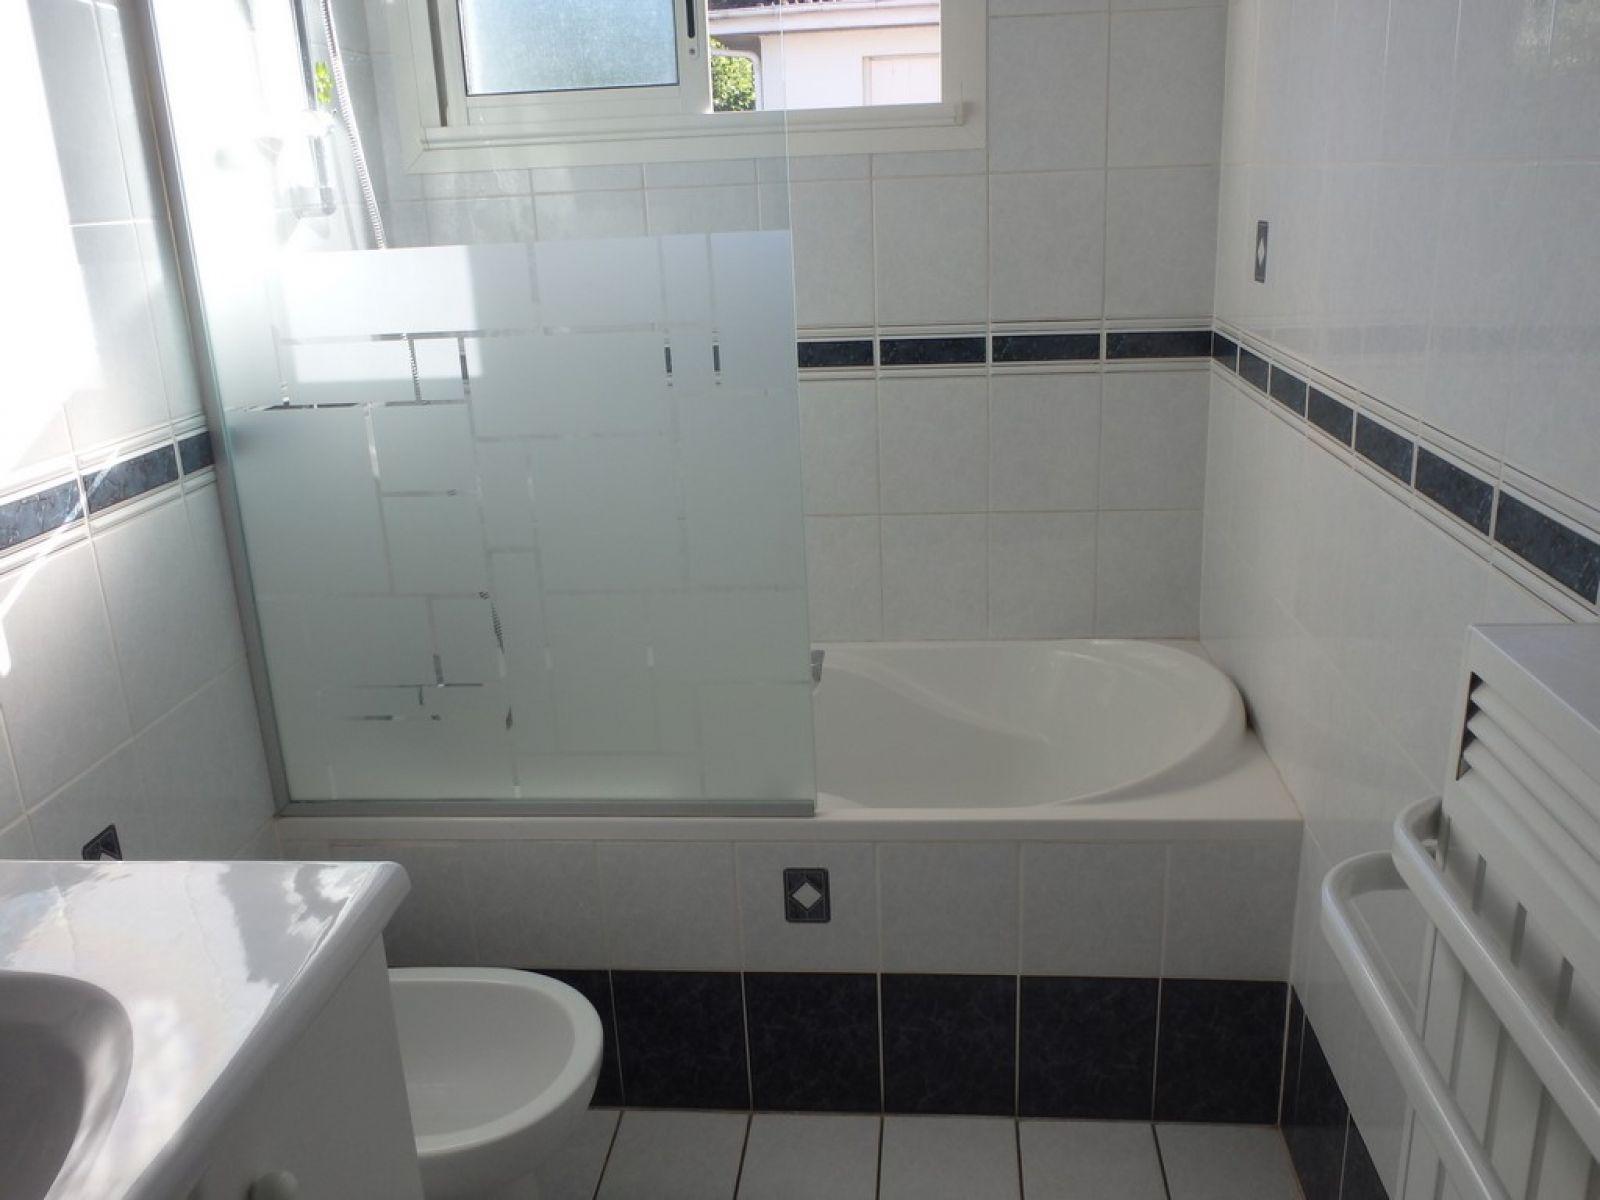 d coupe de baignoire pour prendre une douche en toute s curit sur bordeaux bordeaux sobain. Black Bedroom Furniture Sets. Home Design Ideas